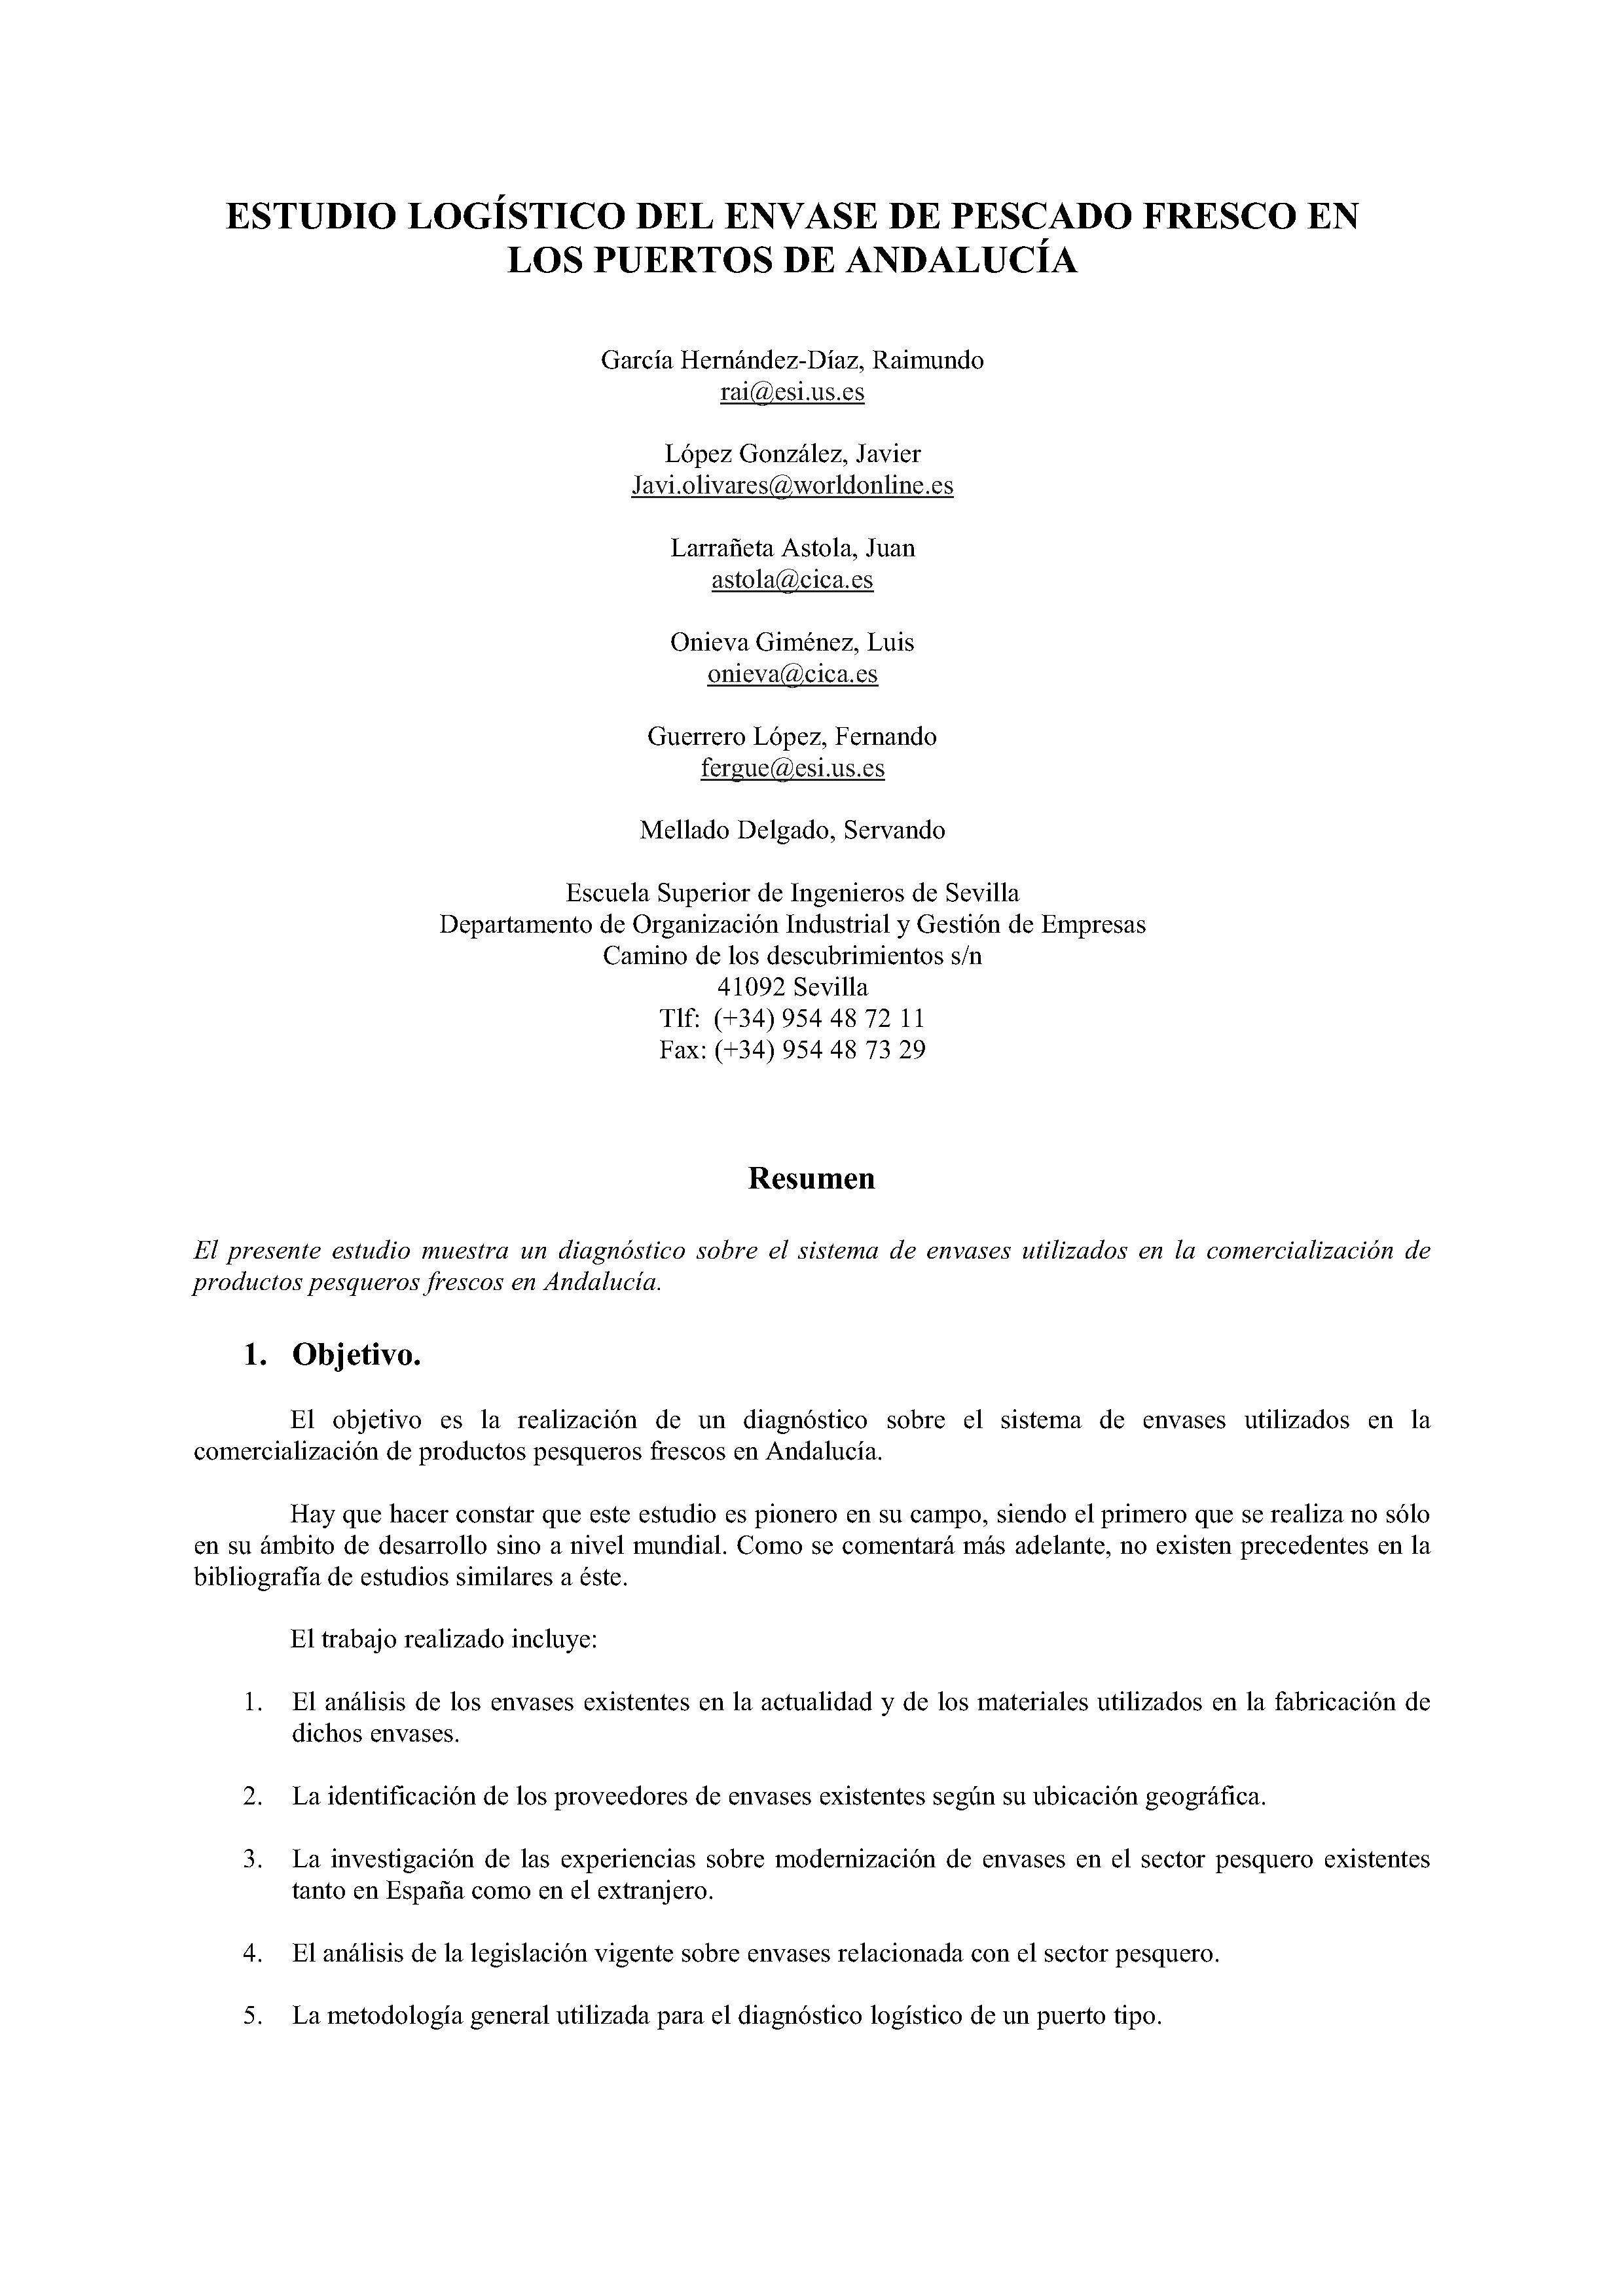 ESTUDIO LOGÍSTICO DEL ENVASE DE PESCADO FRESCO EN LOS PUERTOS DE ANDALUCÍA